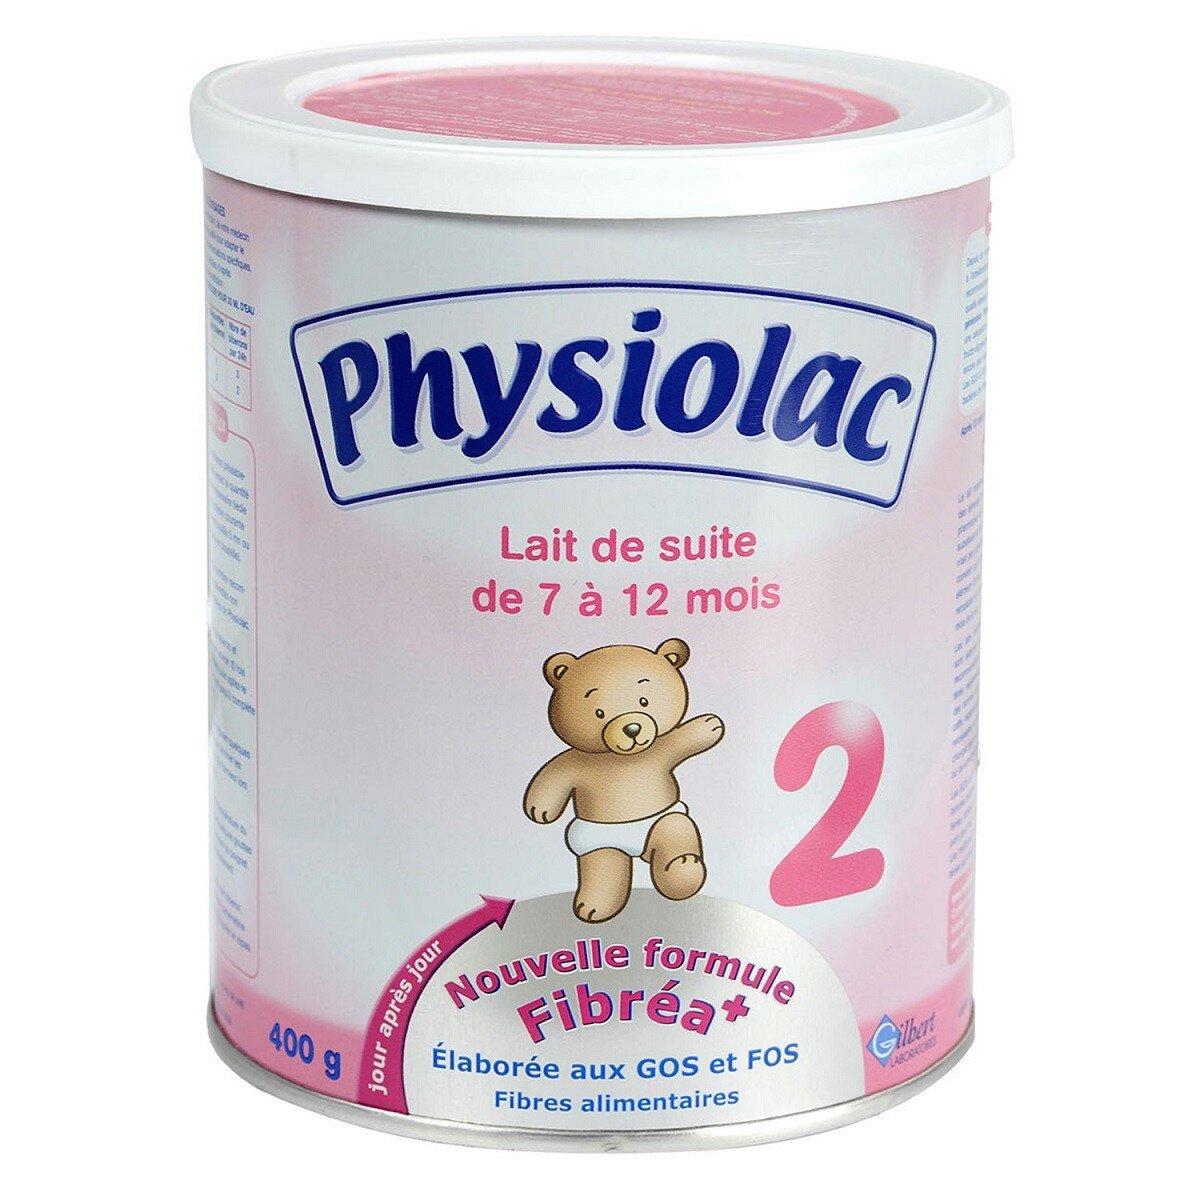 Bảng giá sữa bột Physiolac cập nhật tháng 9/2015